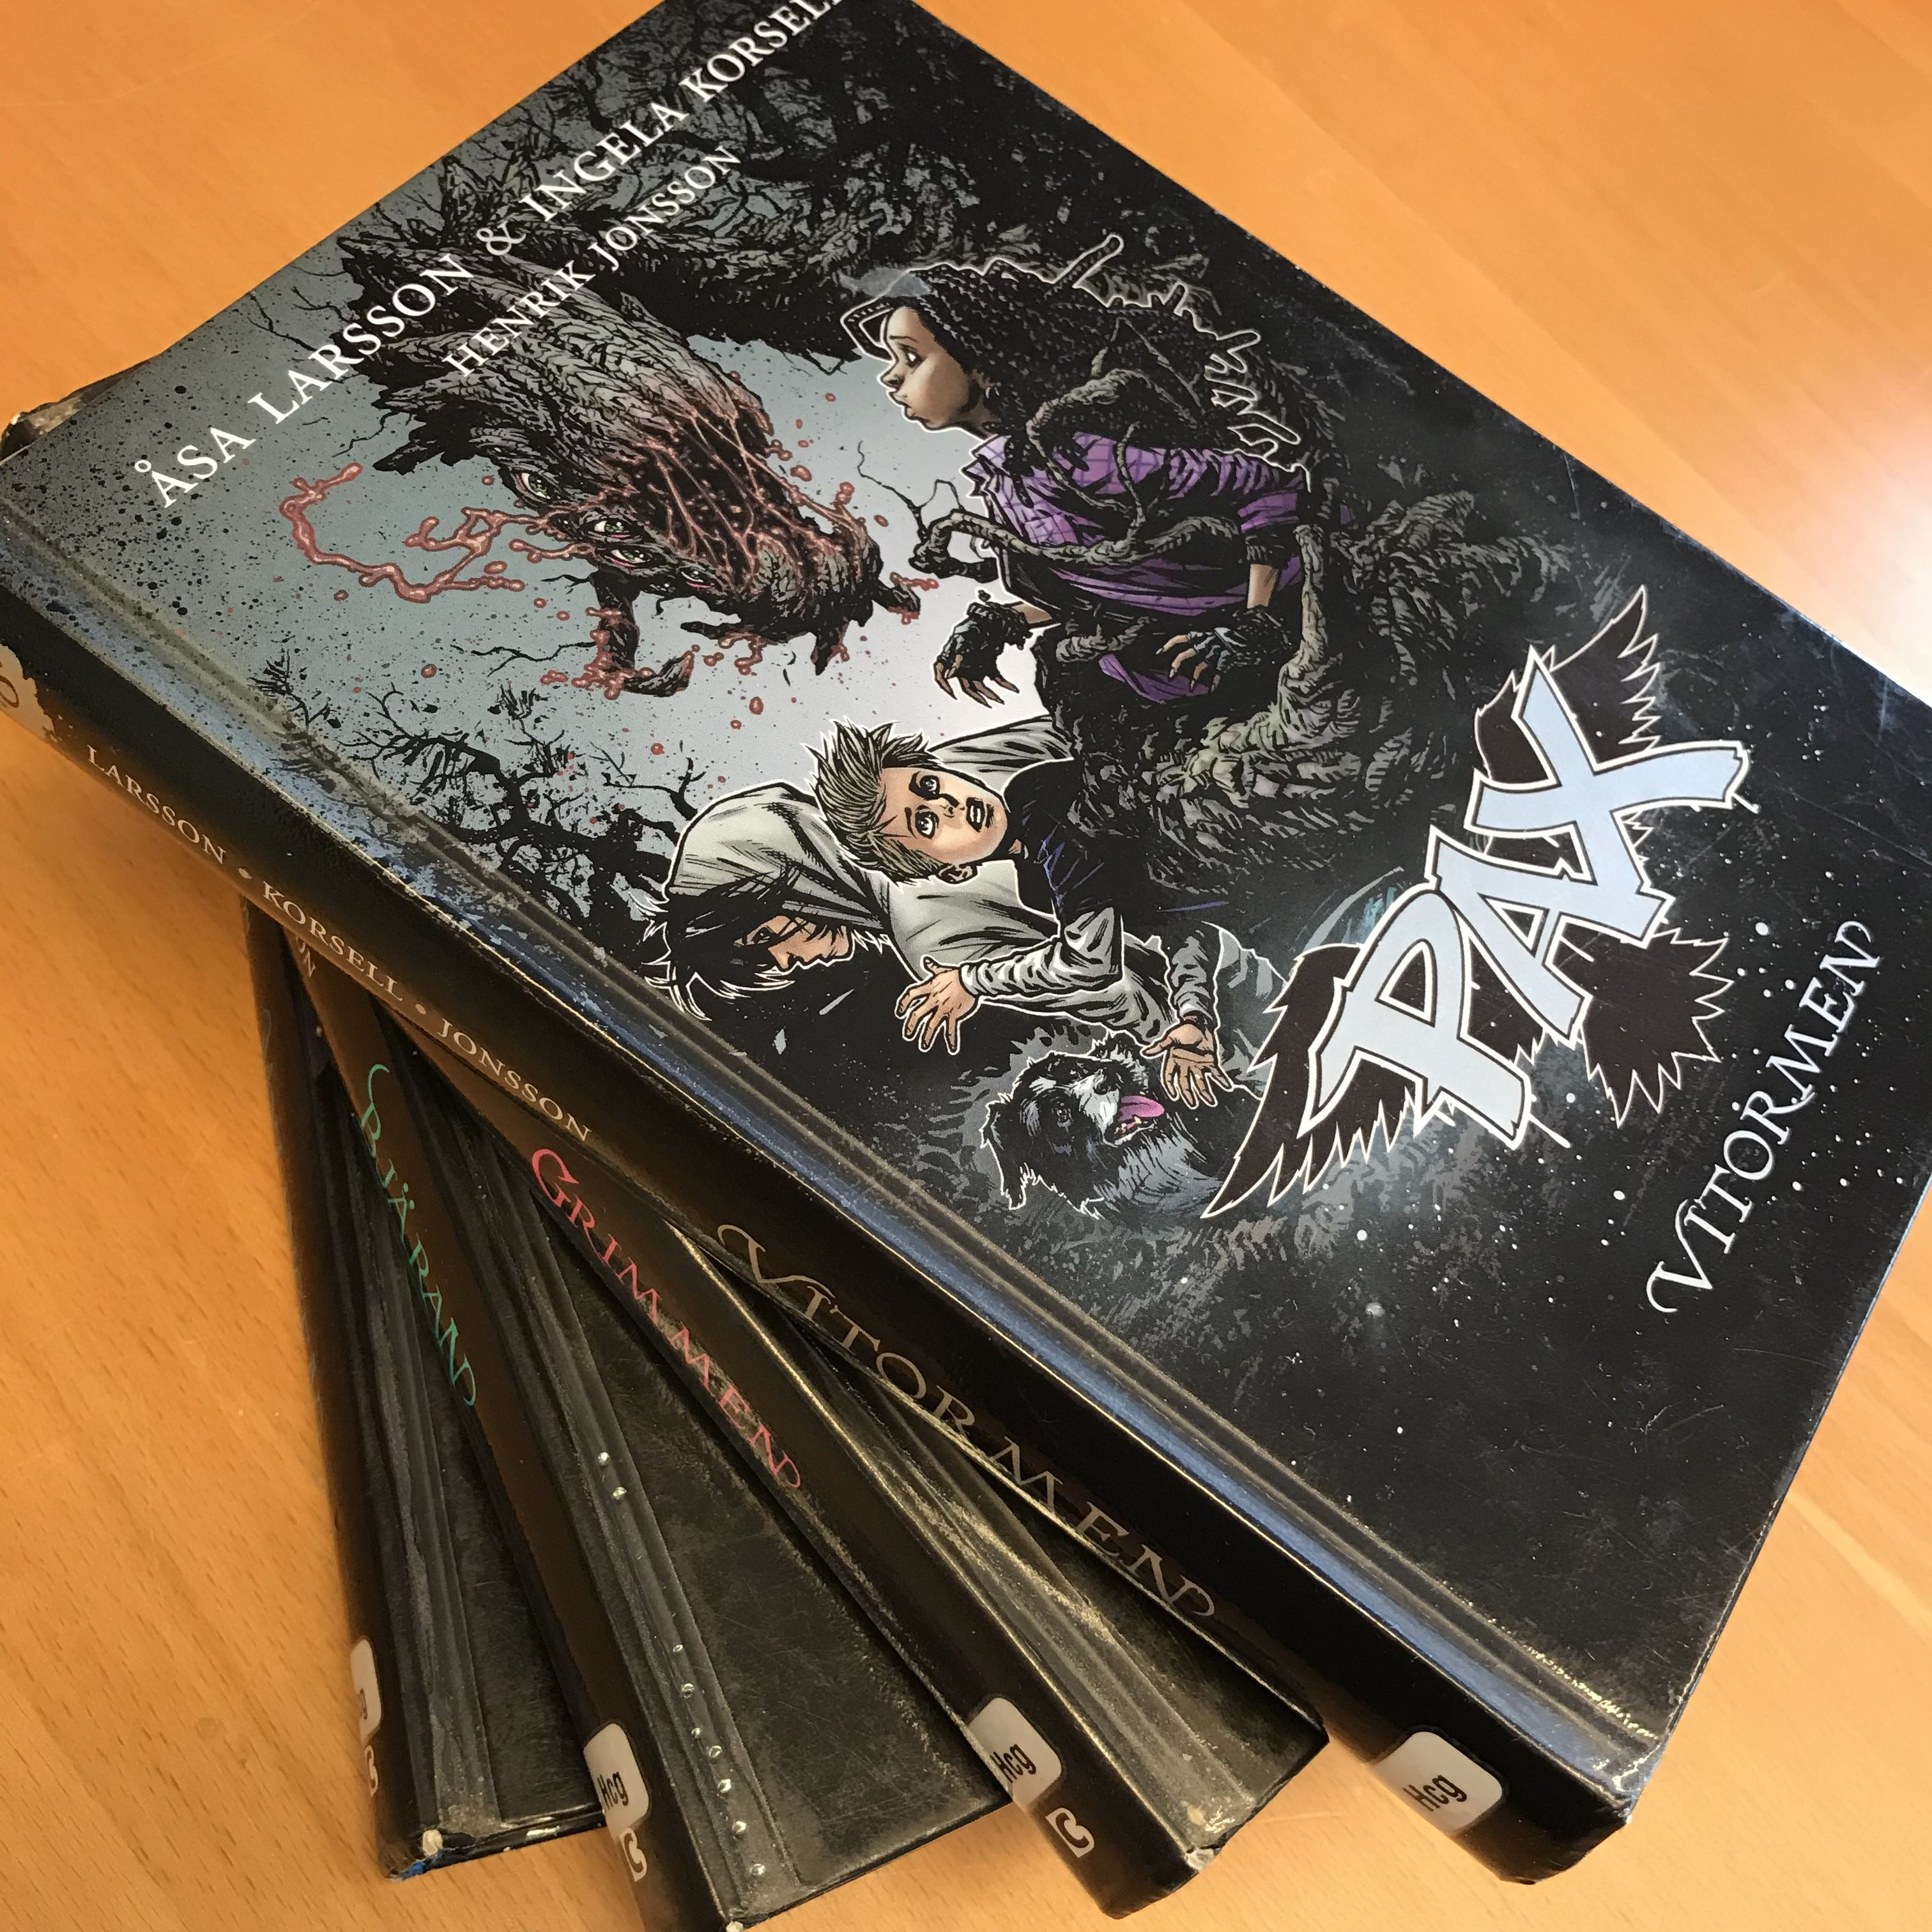 PAX-frossa på Hölö bibliotek